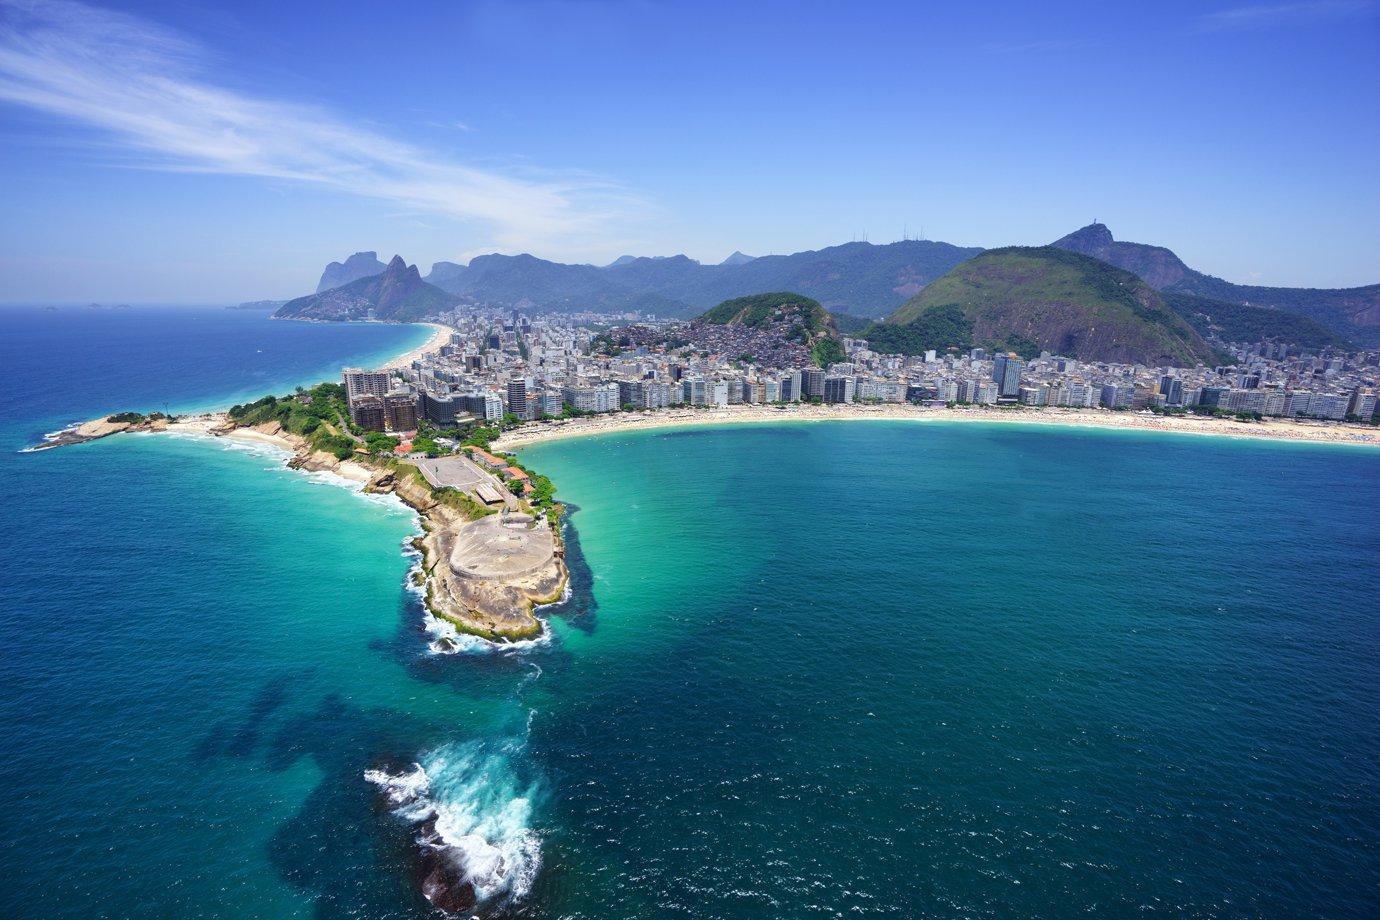 Vista aérea da praia de Copacabana e Ipanema, no Rio de Janeiro